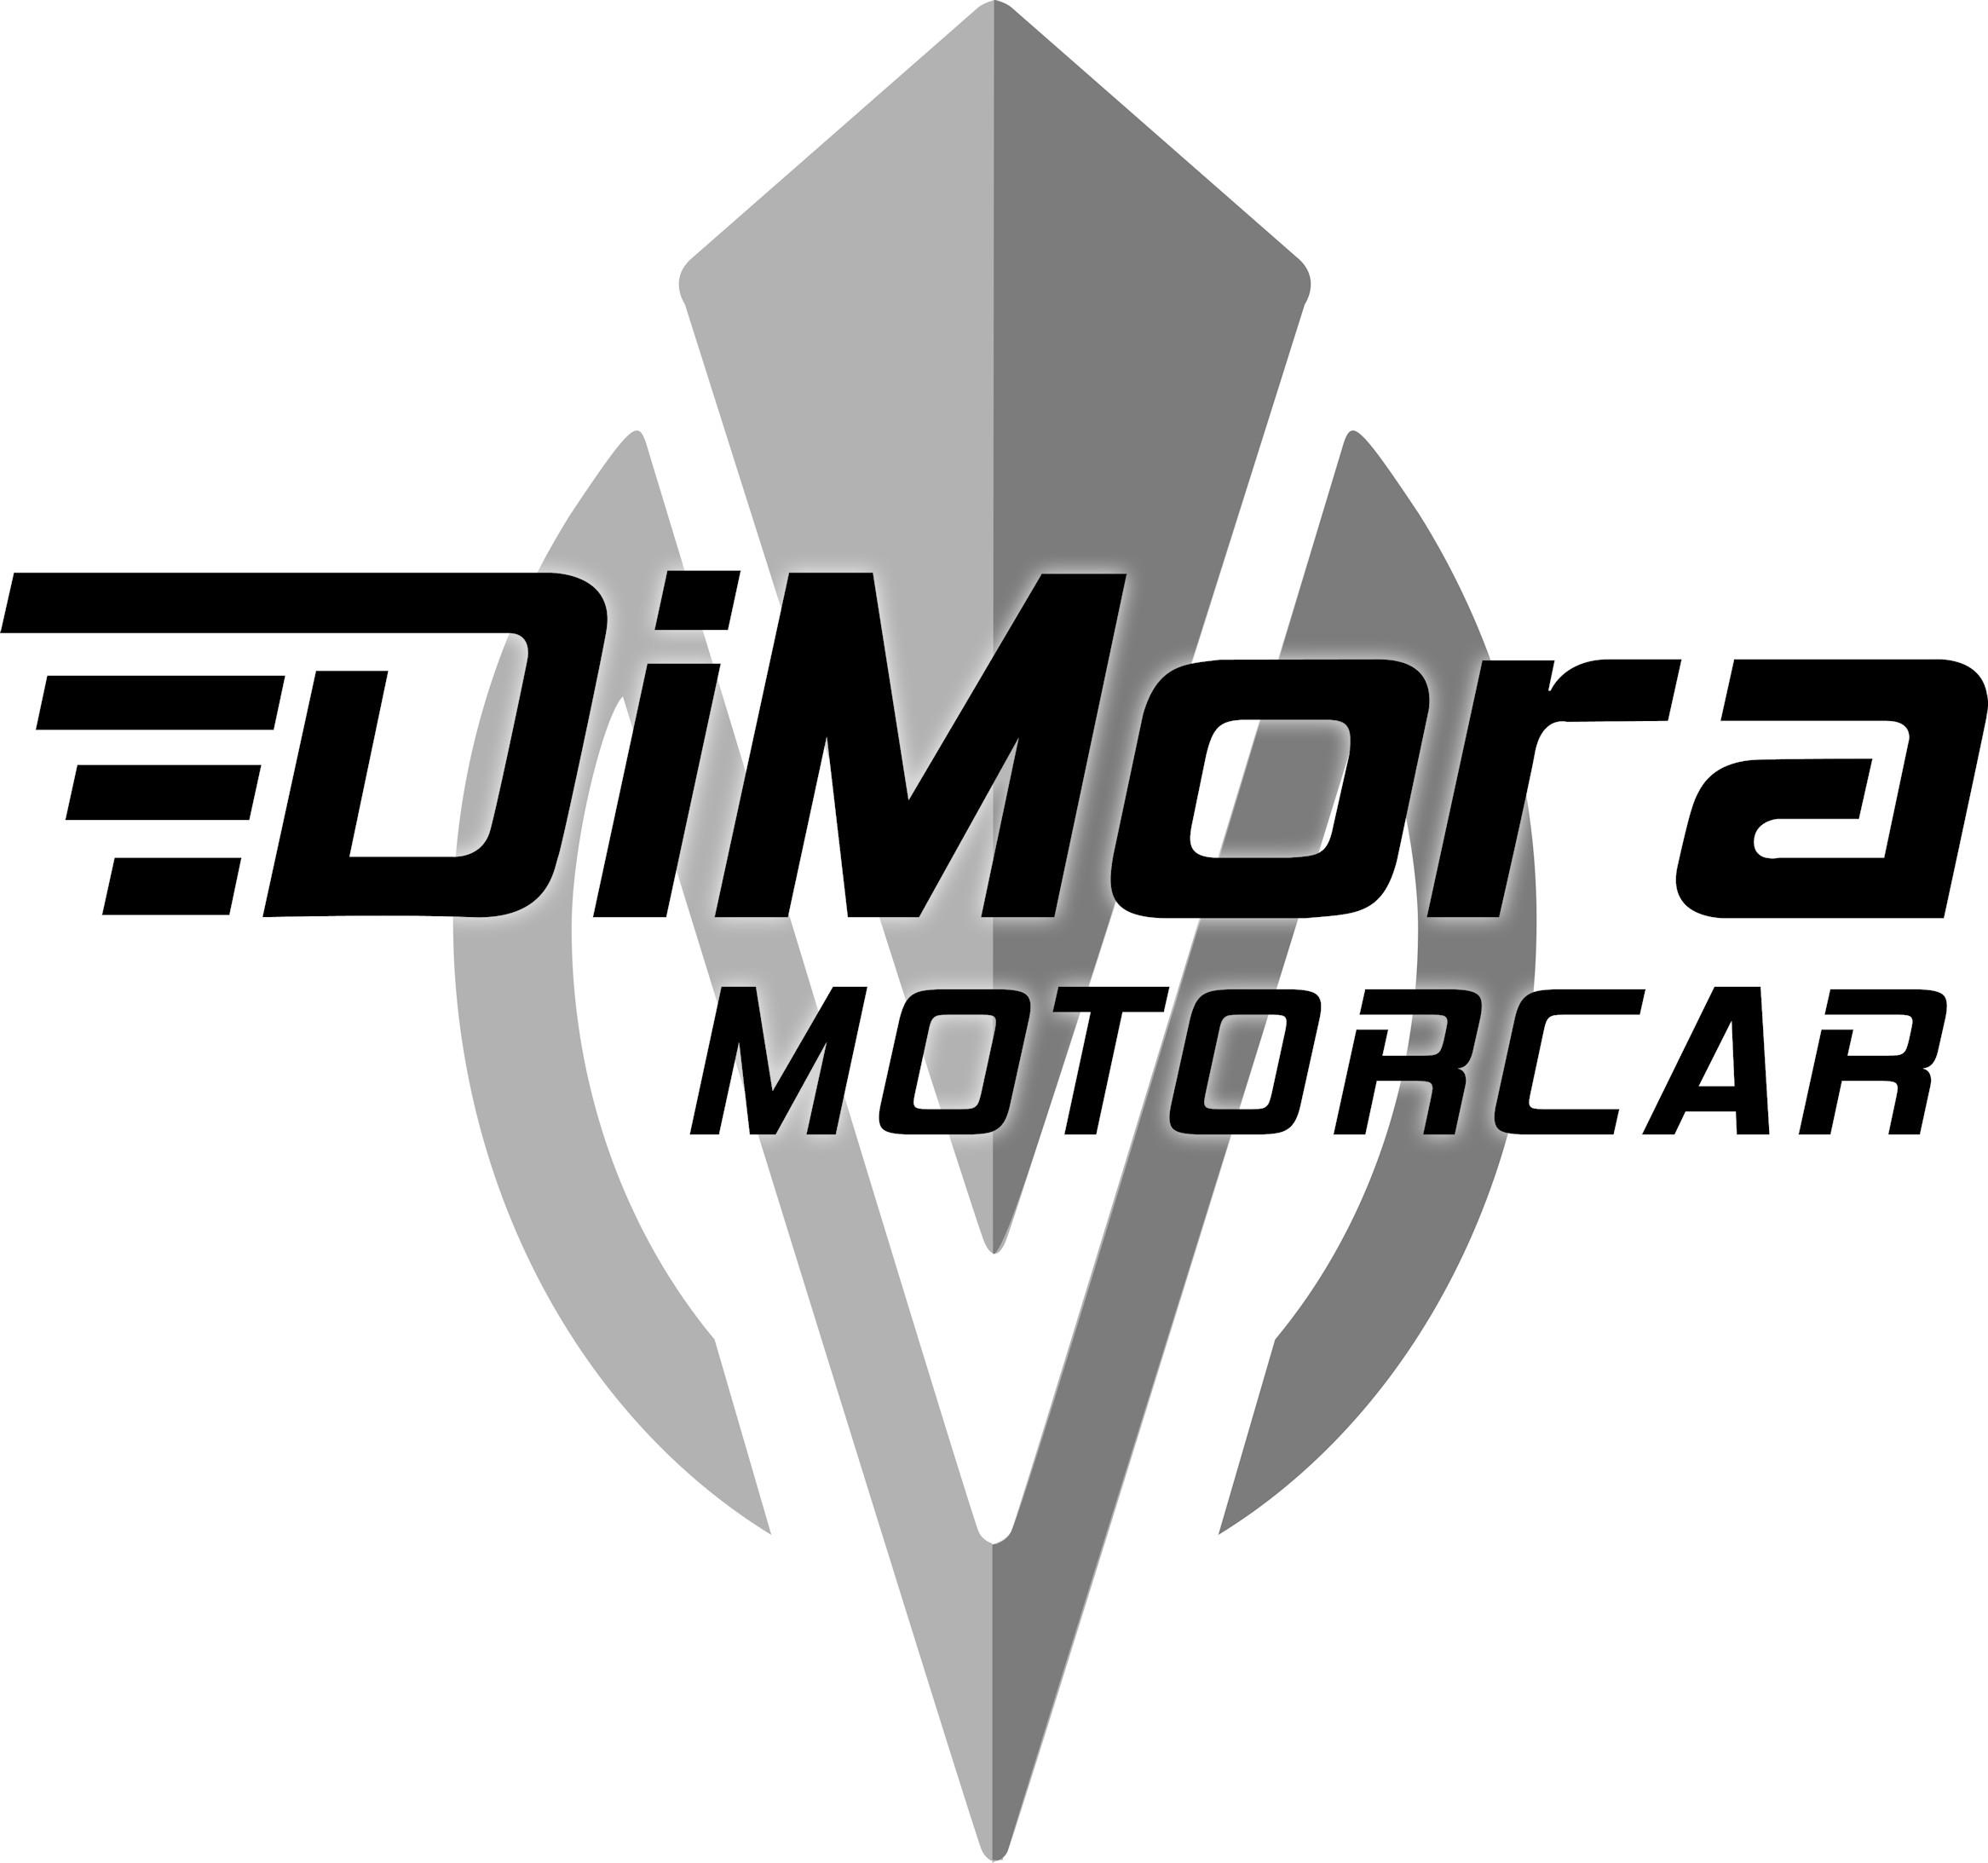 DiMora Vicci 6.2 Headed to Concorso Italiano